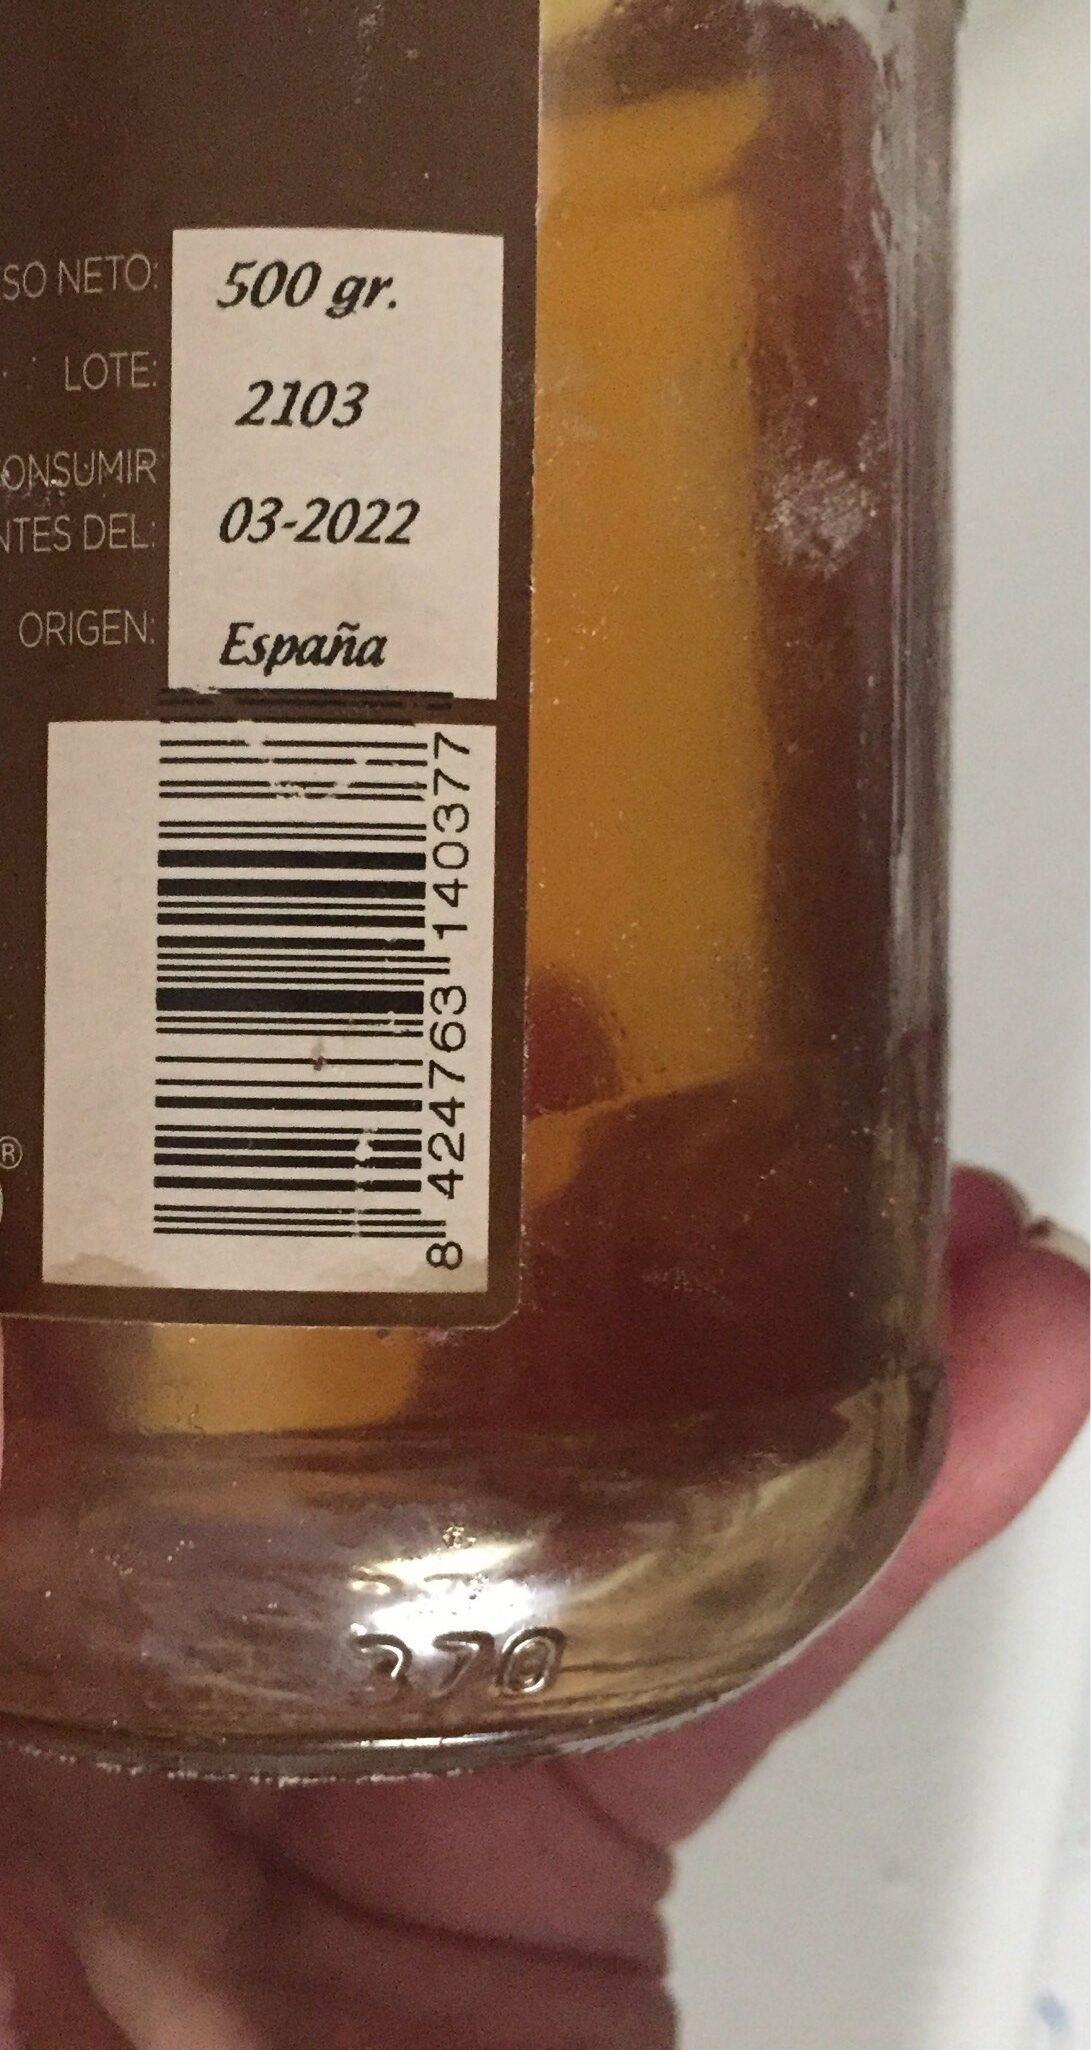 Miel tomillo arte sano - Producto - es